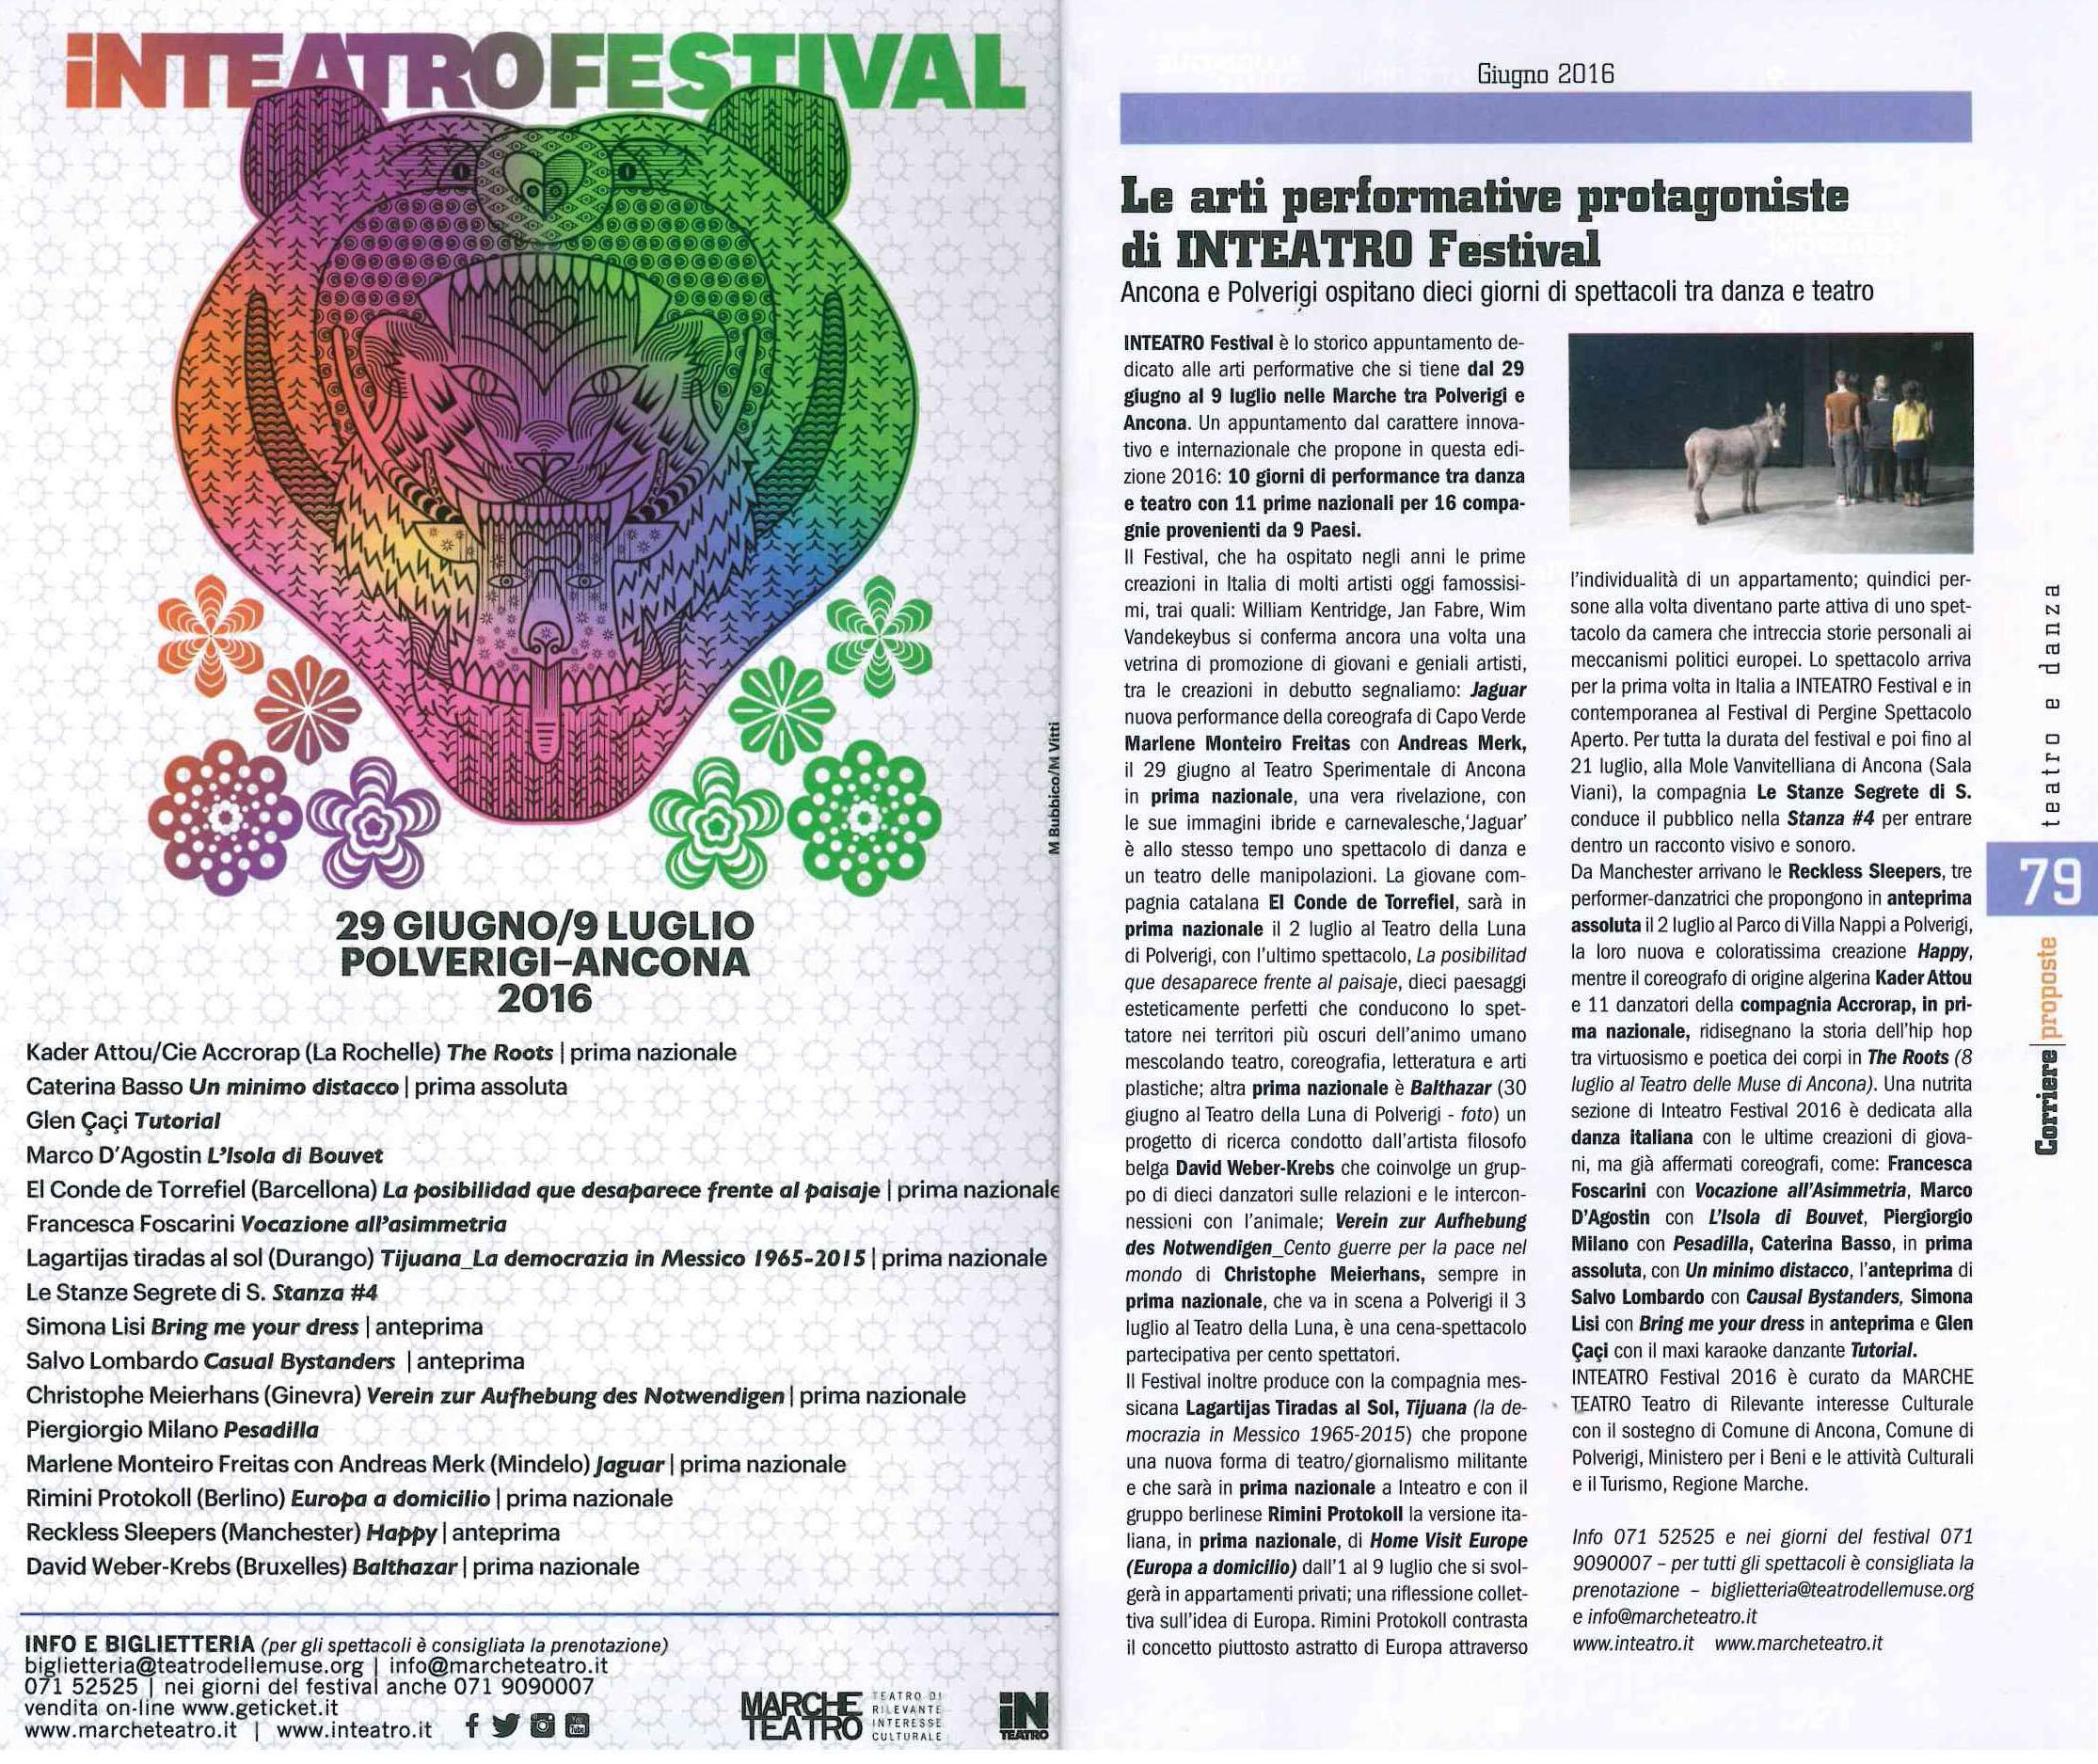 giugno2016_Le arti performative protagoniste di INTEATRO festival_corriere proposte